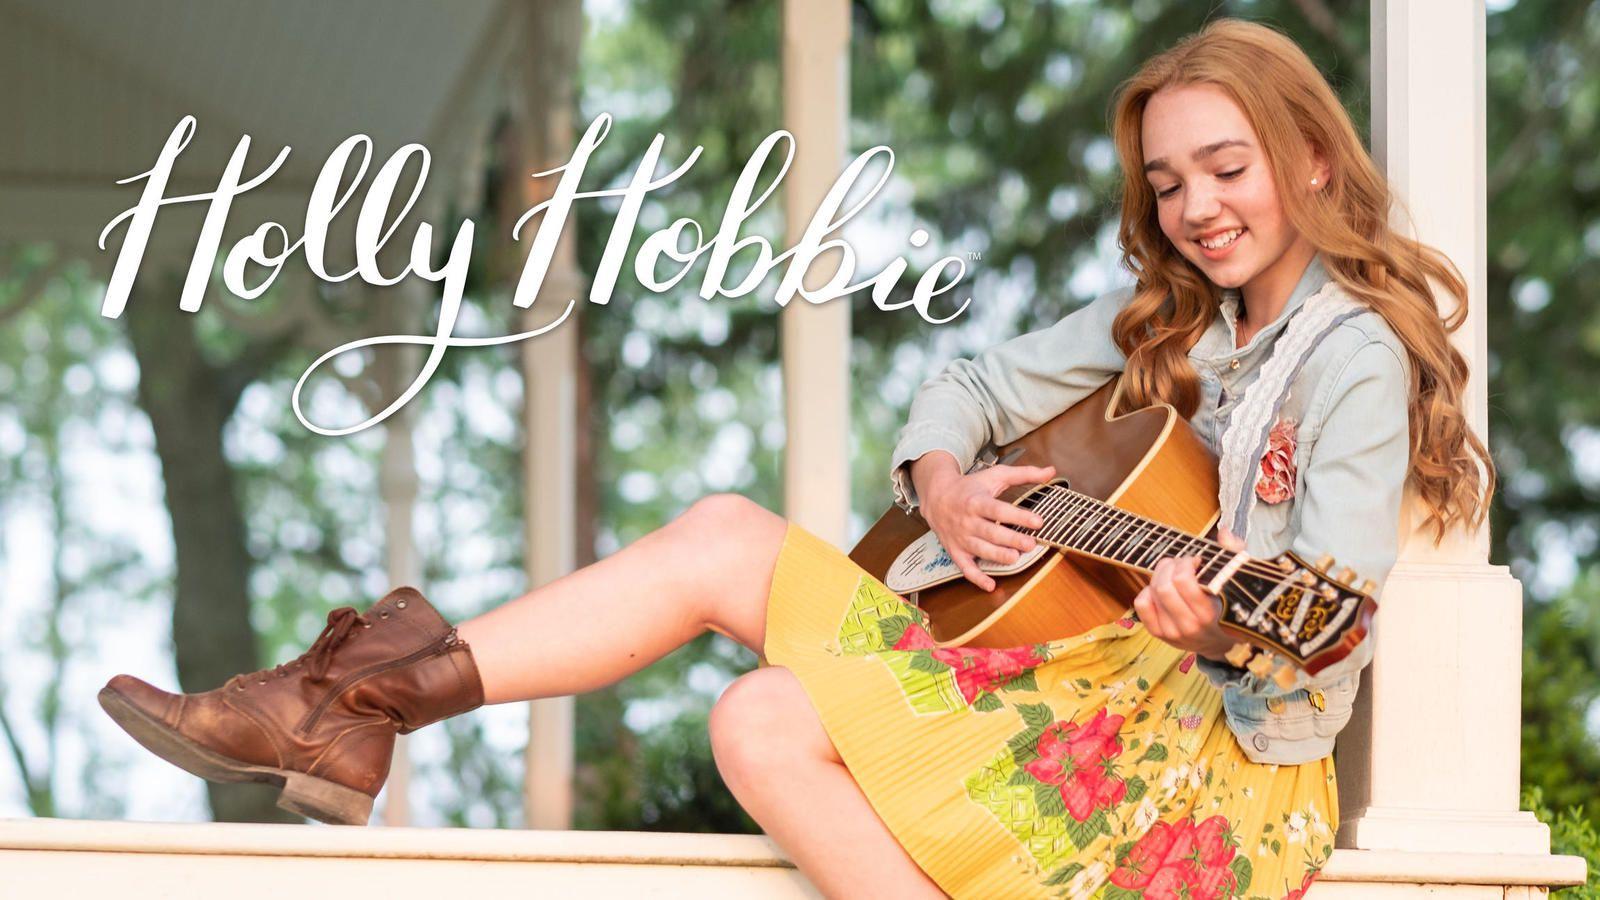 La série jeunesse inédite Holly Hobbie diffusée dès ce mercredi après-midi sur France 4.